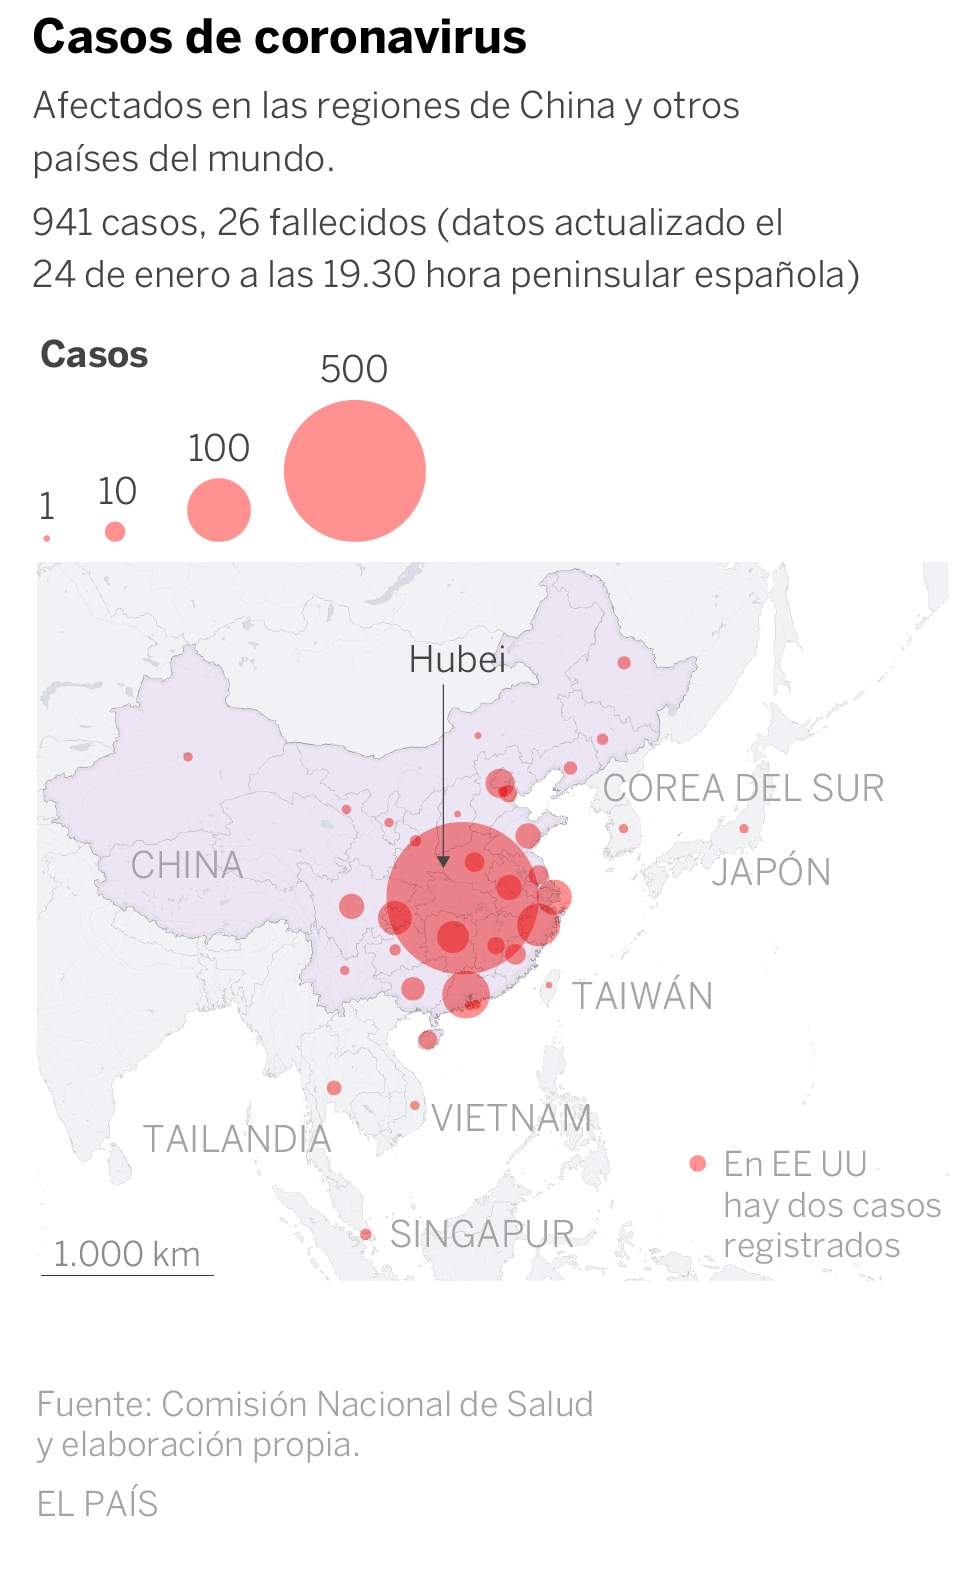 China amplía la cuarentena a 41 millones de personas y construye de urgencia un hospital contra el coronavirus